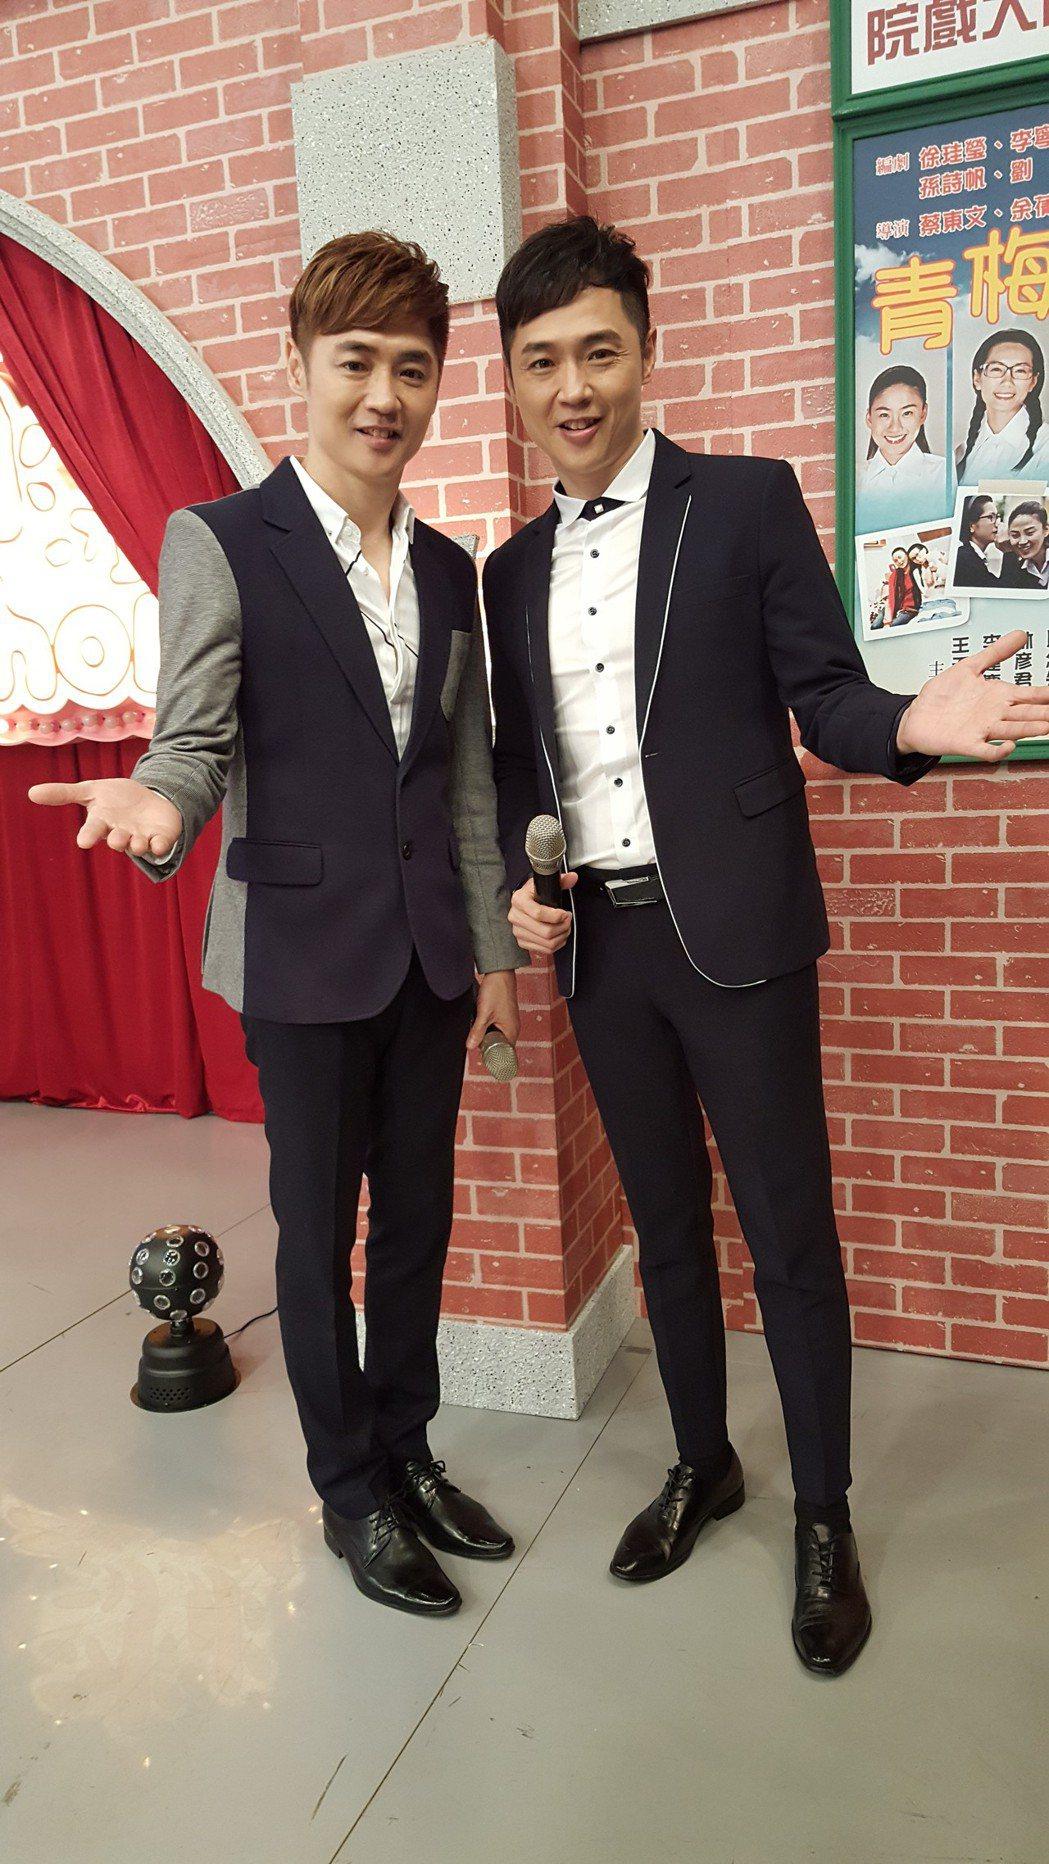 宋逸民(左)和宋達民今錄中視「冰冰Show」。記者林怡秀/攝影